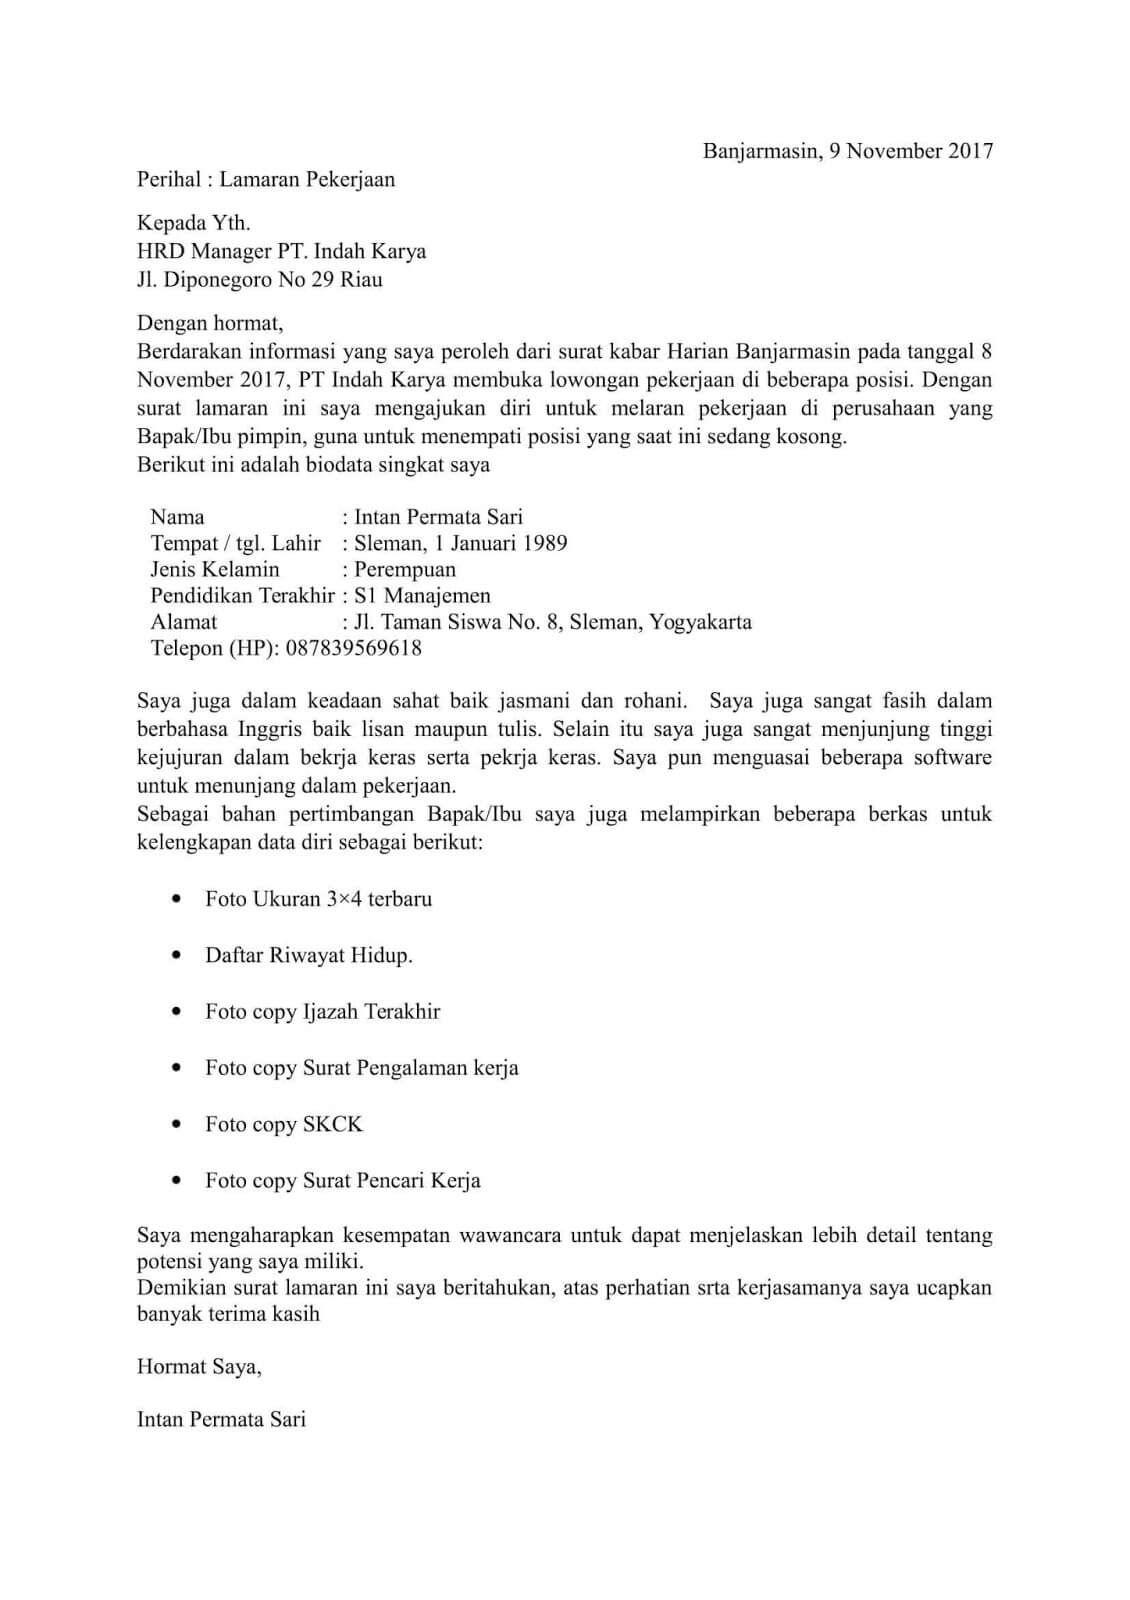 Contoh Surat Semi Block Style Tentang Pemesanan Barang Contoh Lif Co Id